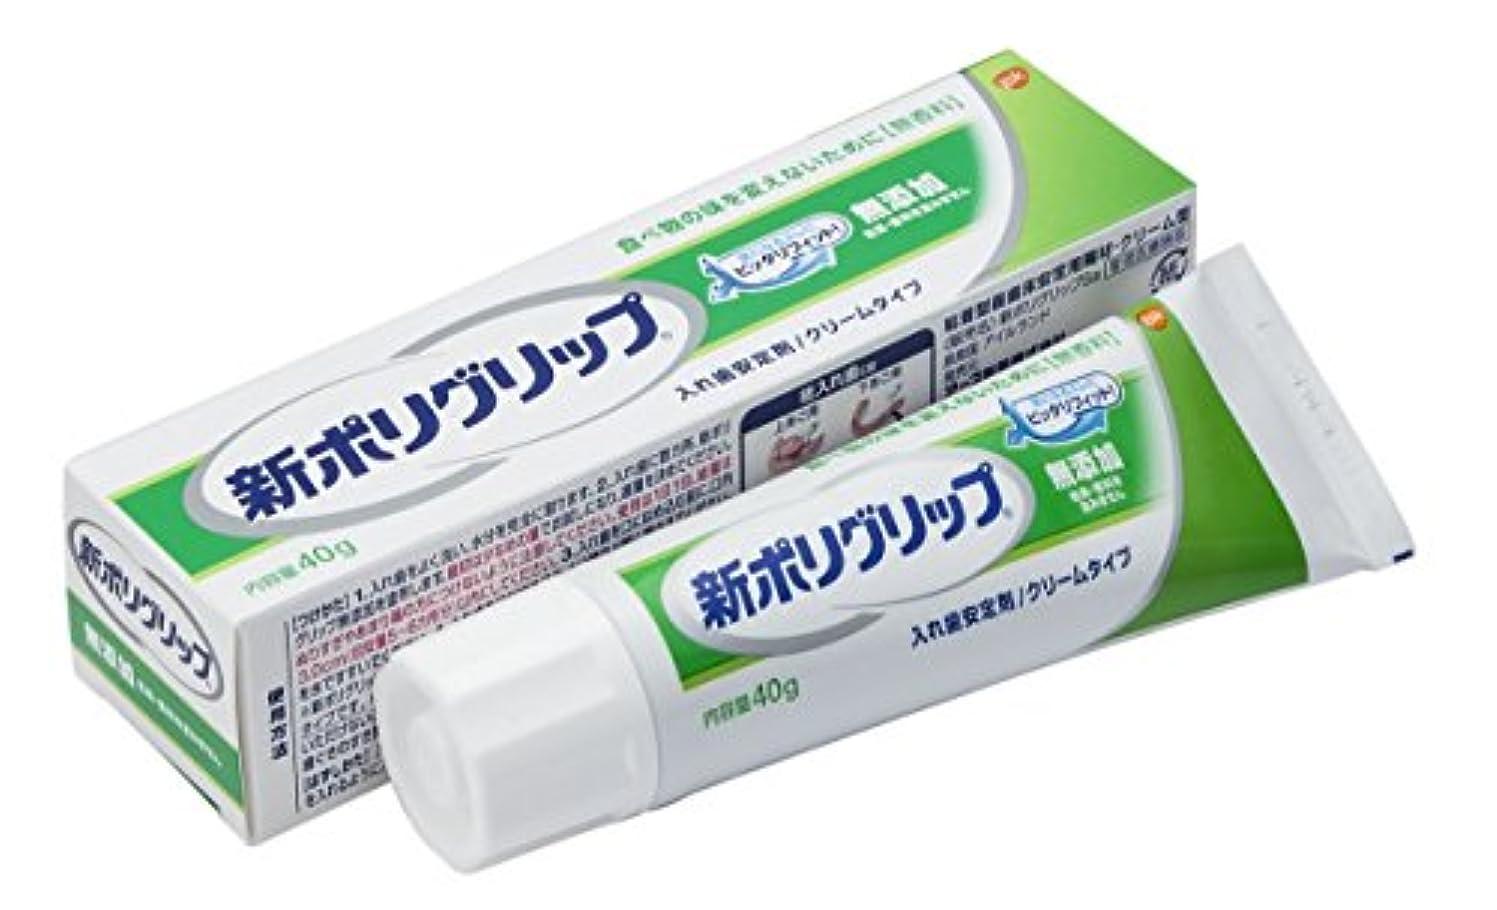 落ち着く正午エクステント部分?総入れ歯安定剤 新ポリグリップ 無添加(色素?香料を含みません) 40g